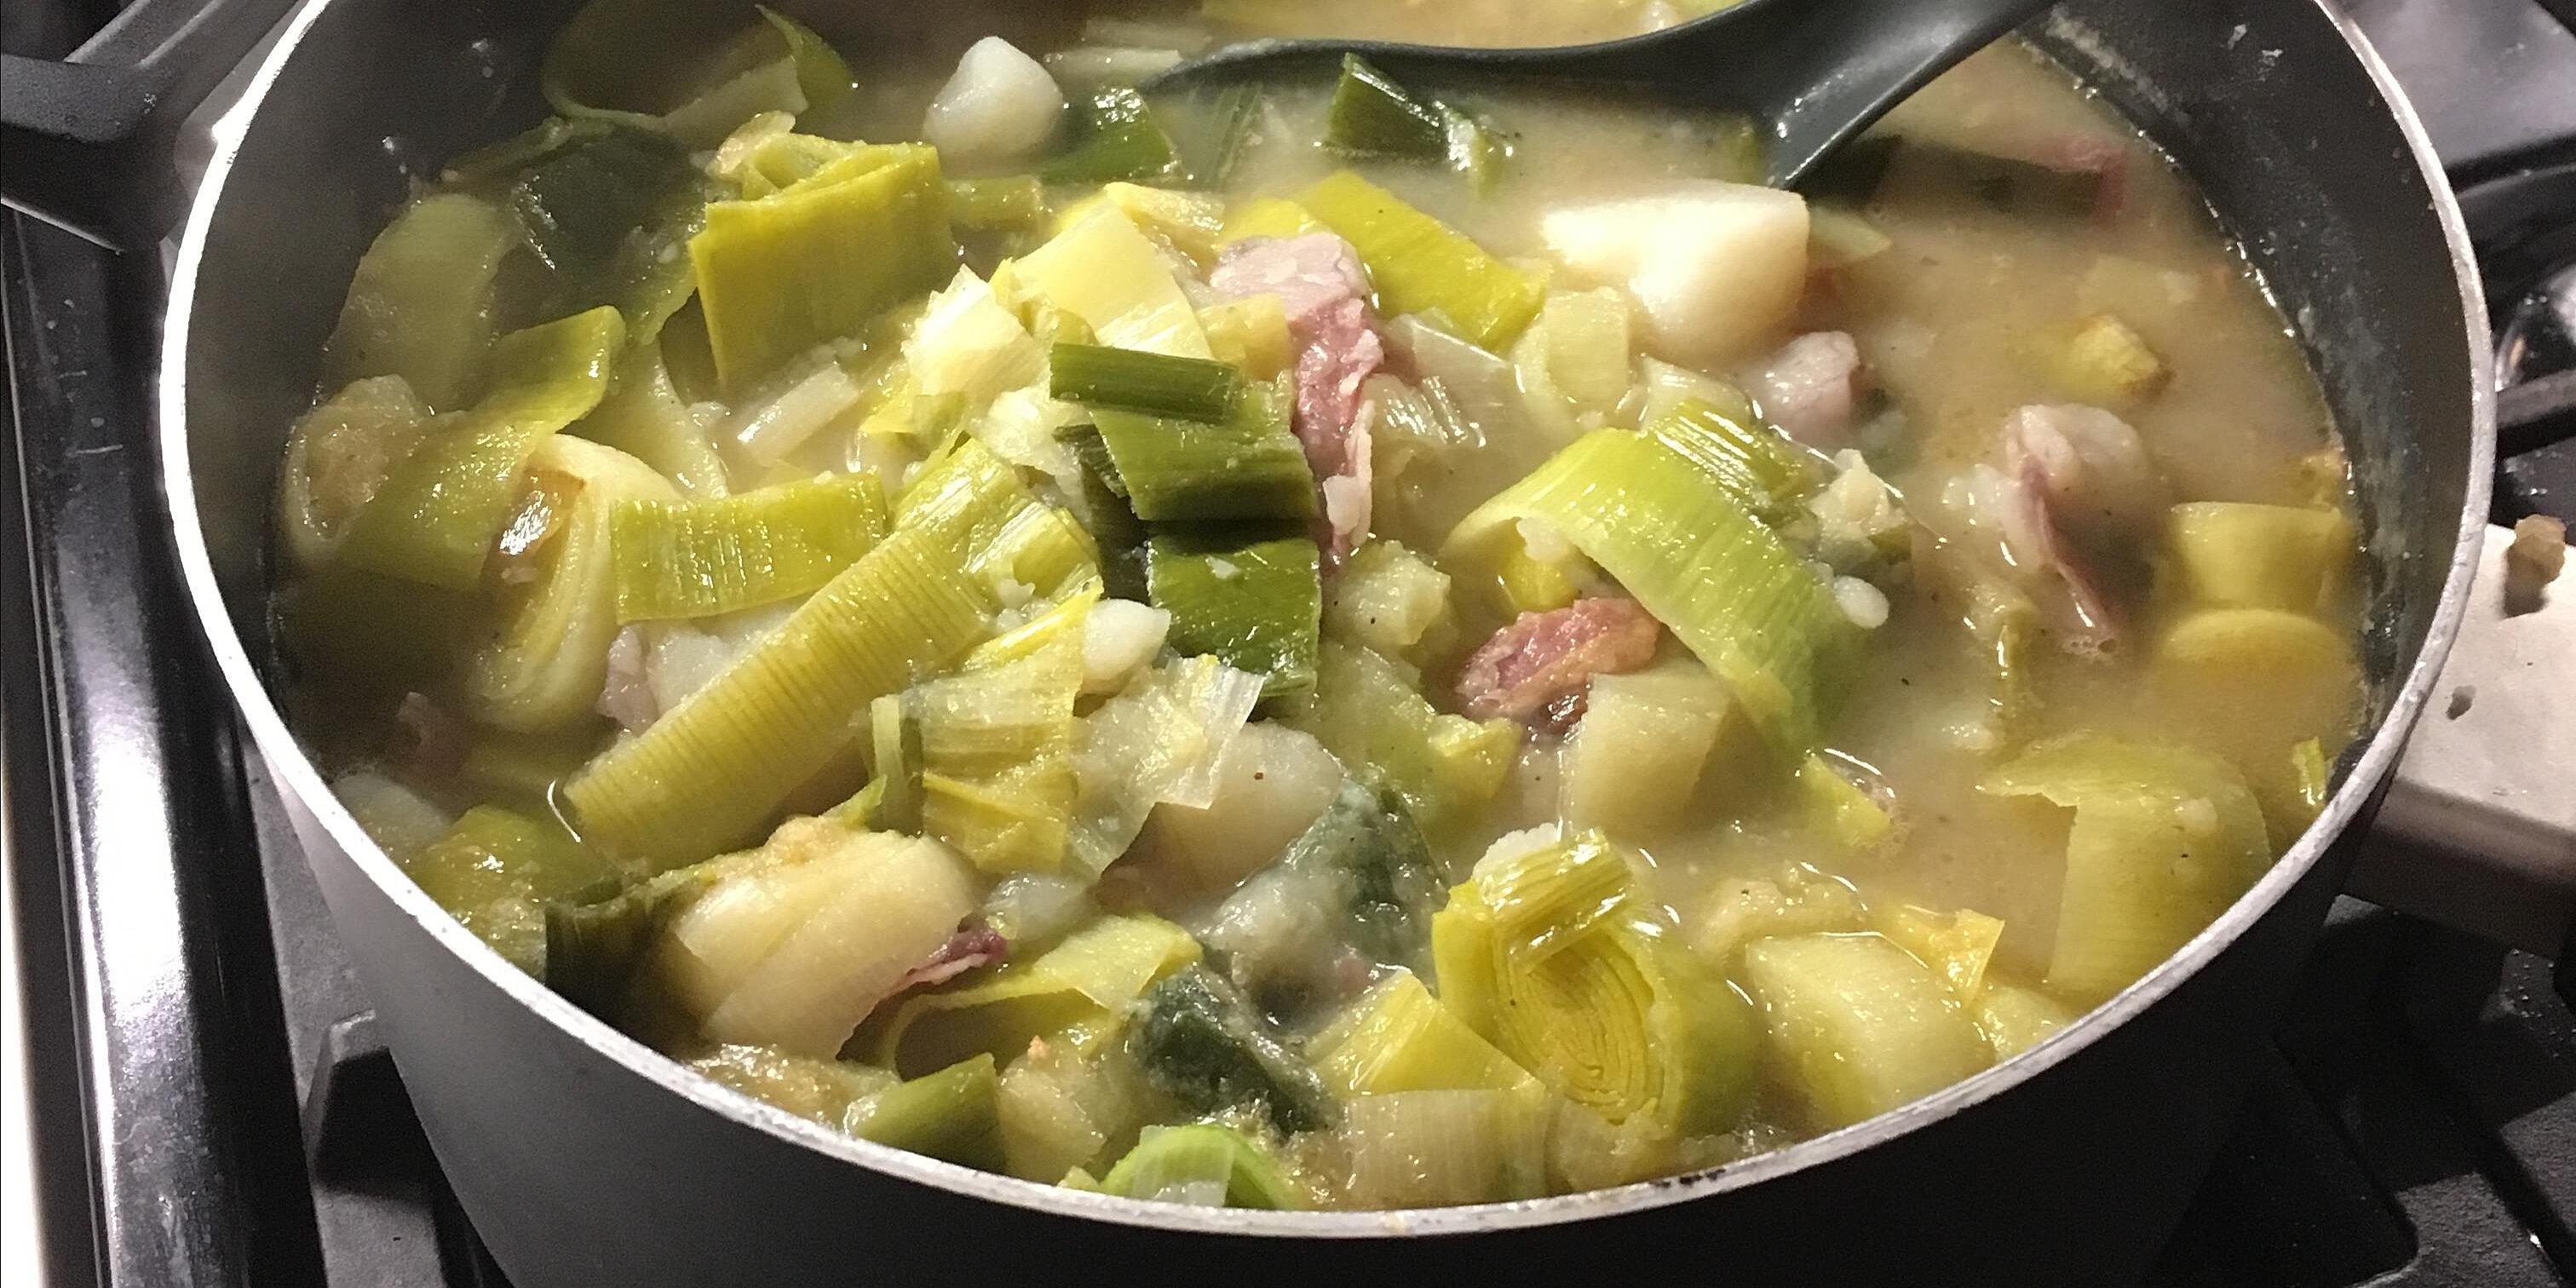 real potato leek soup recipe